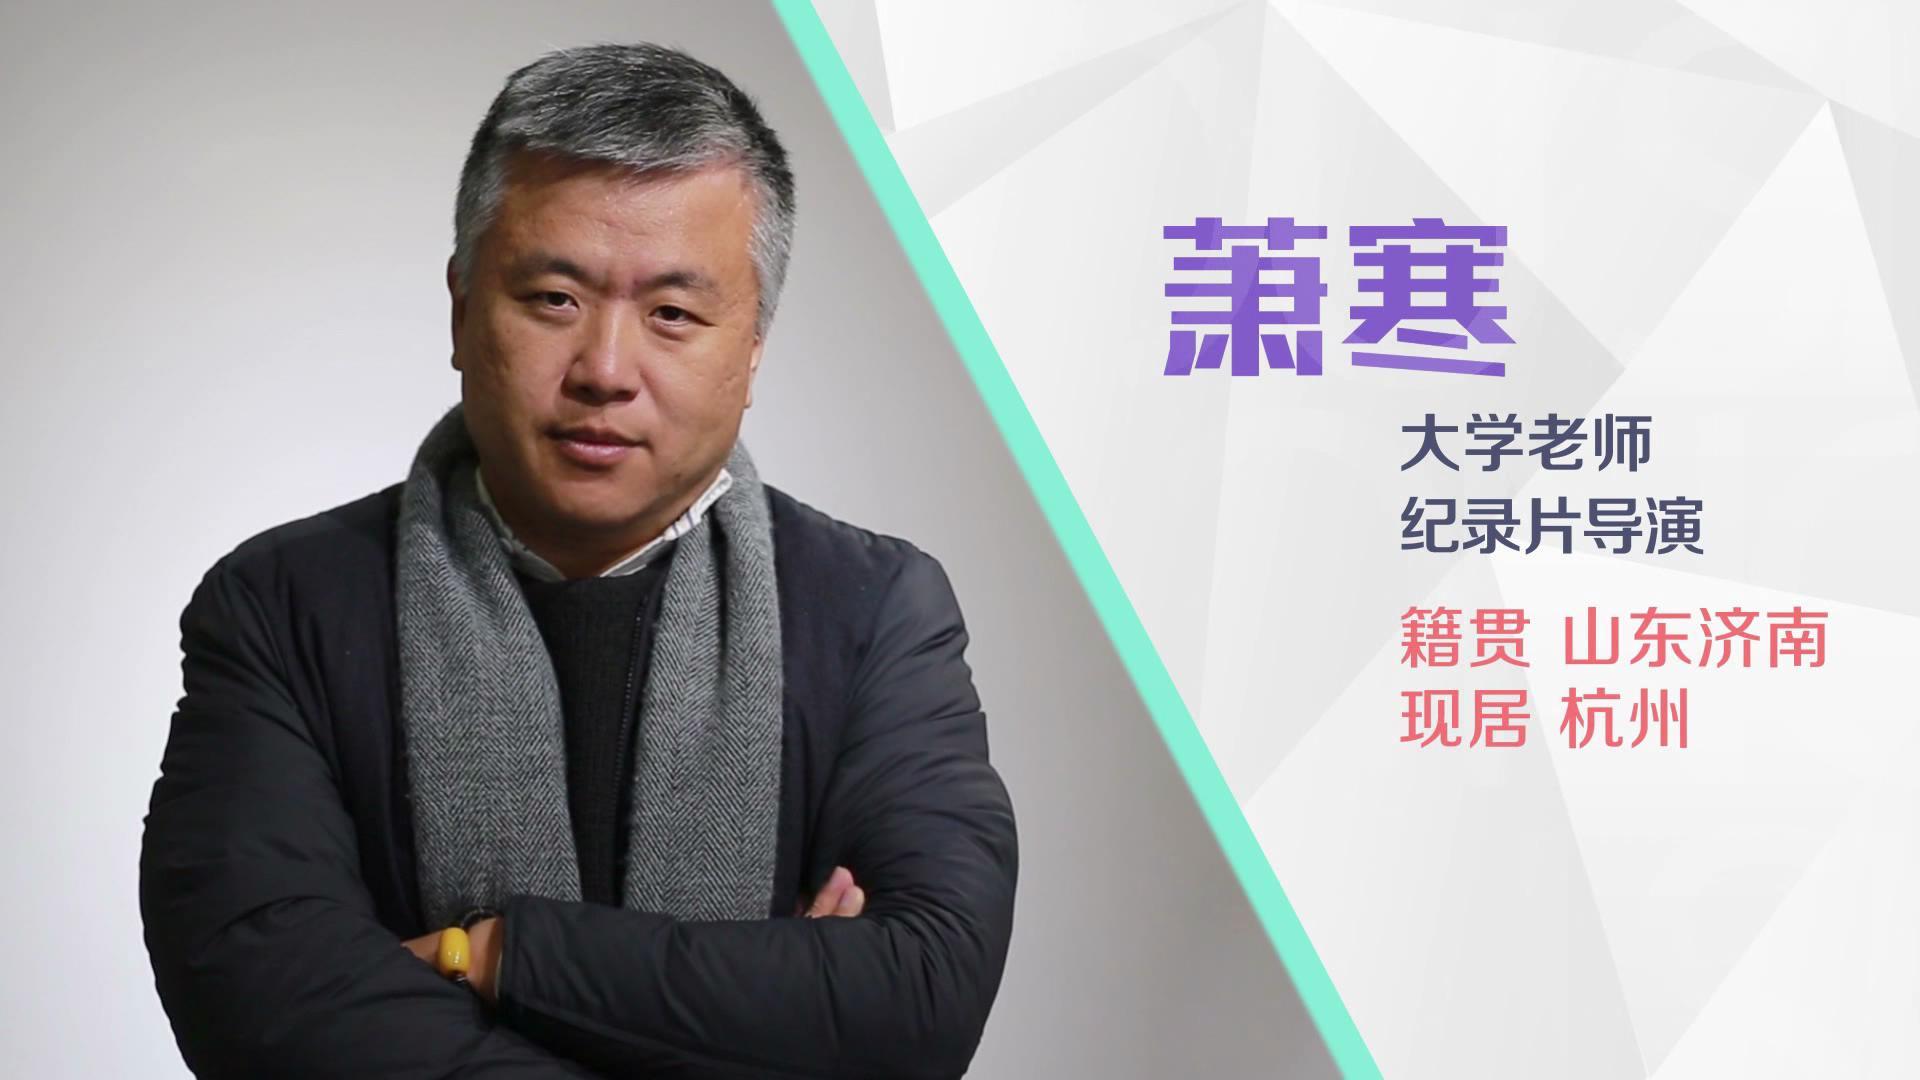 4月2日预告 | 口碑超《琅琊榜》的网红纪录片导演是他!山东人!